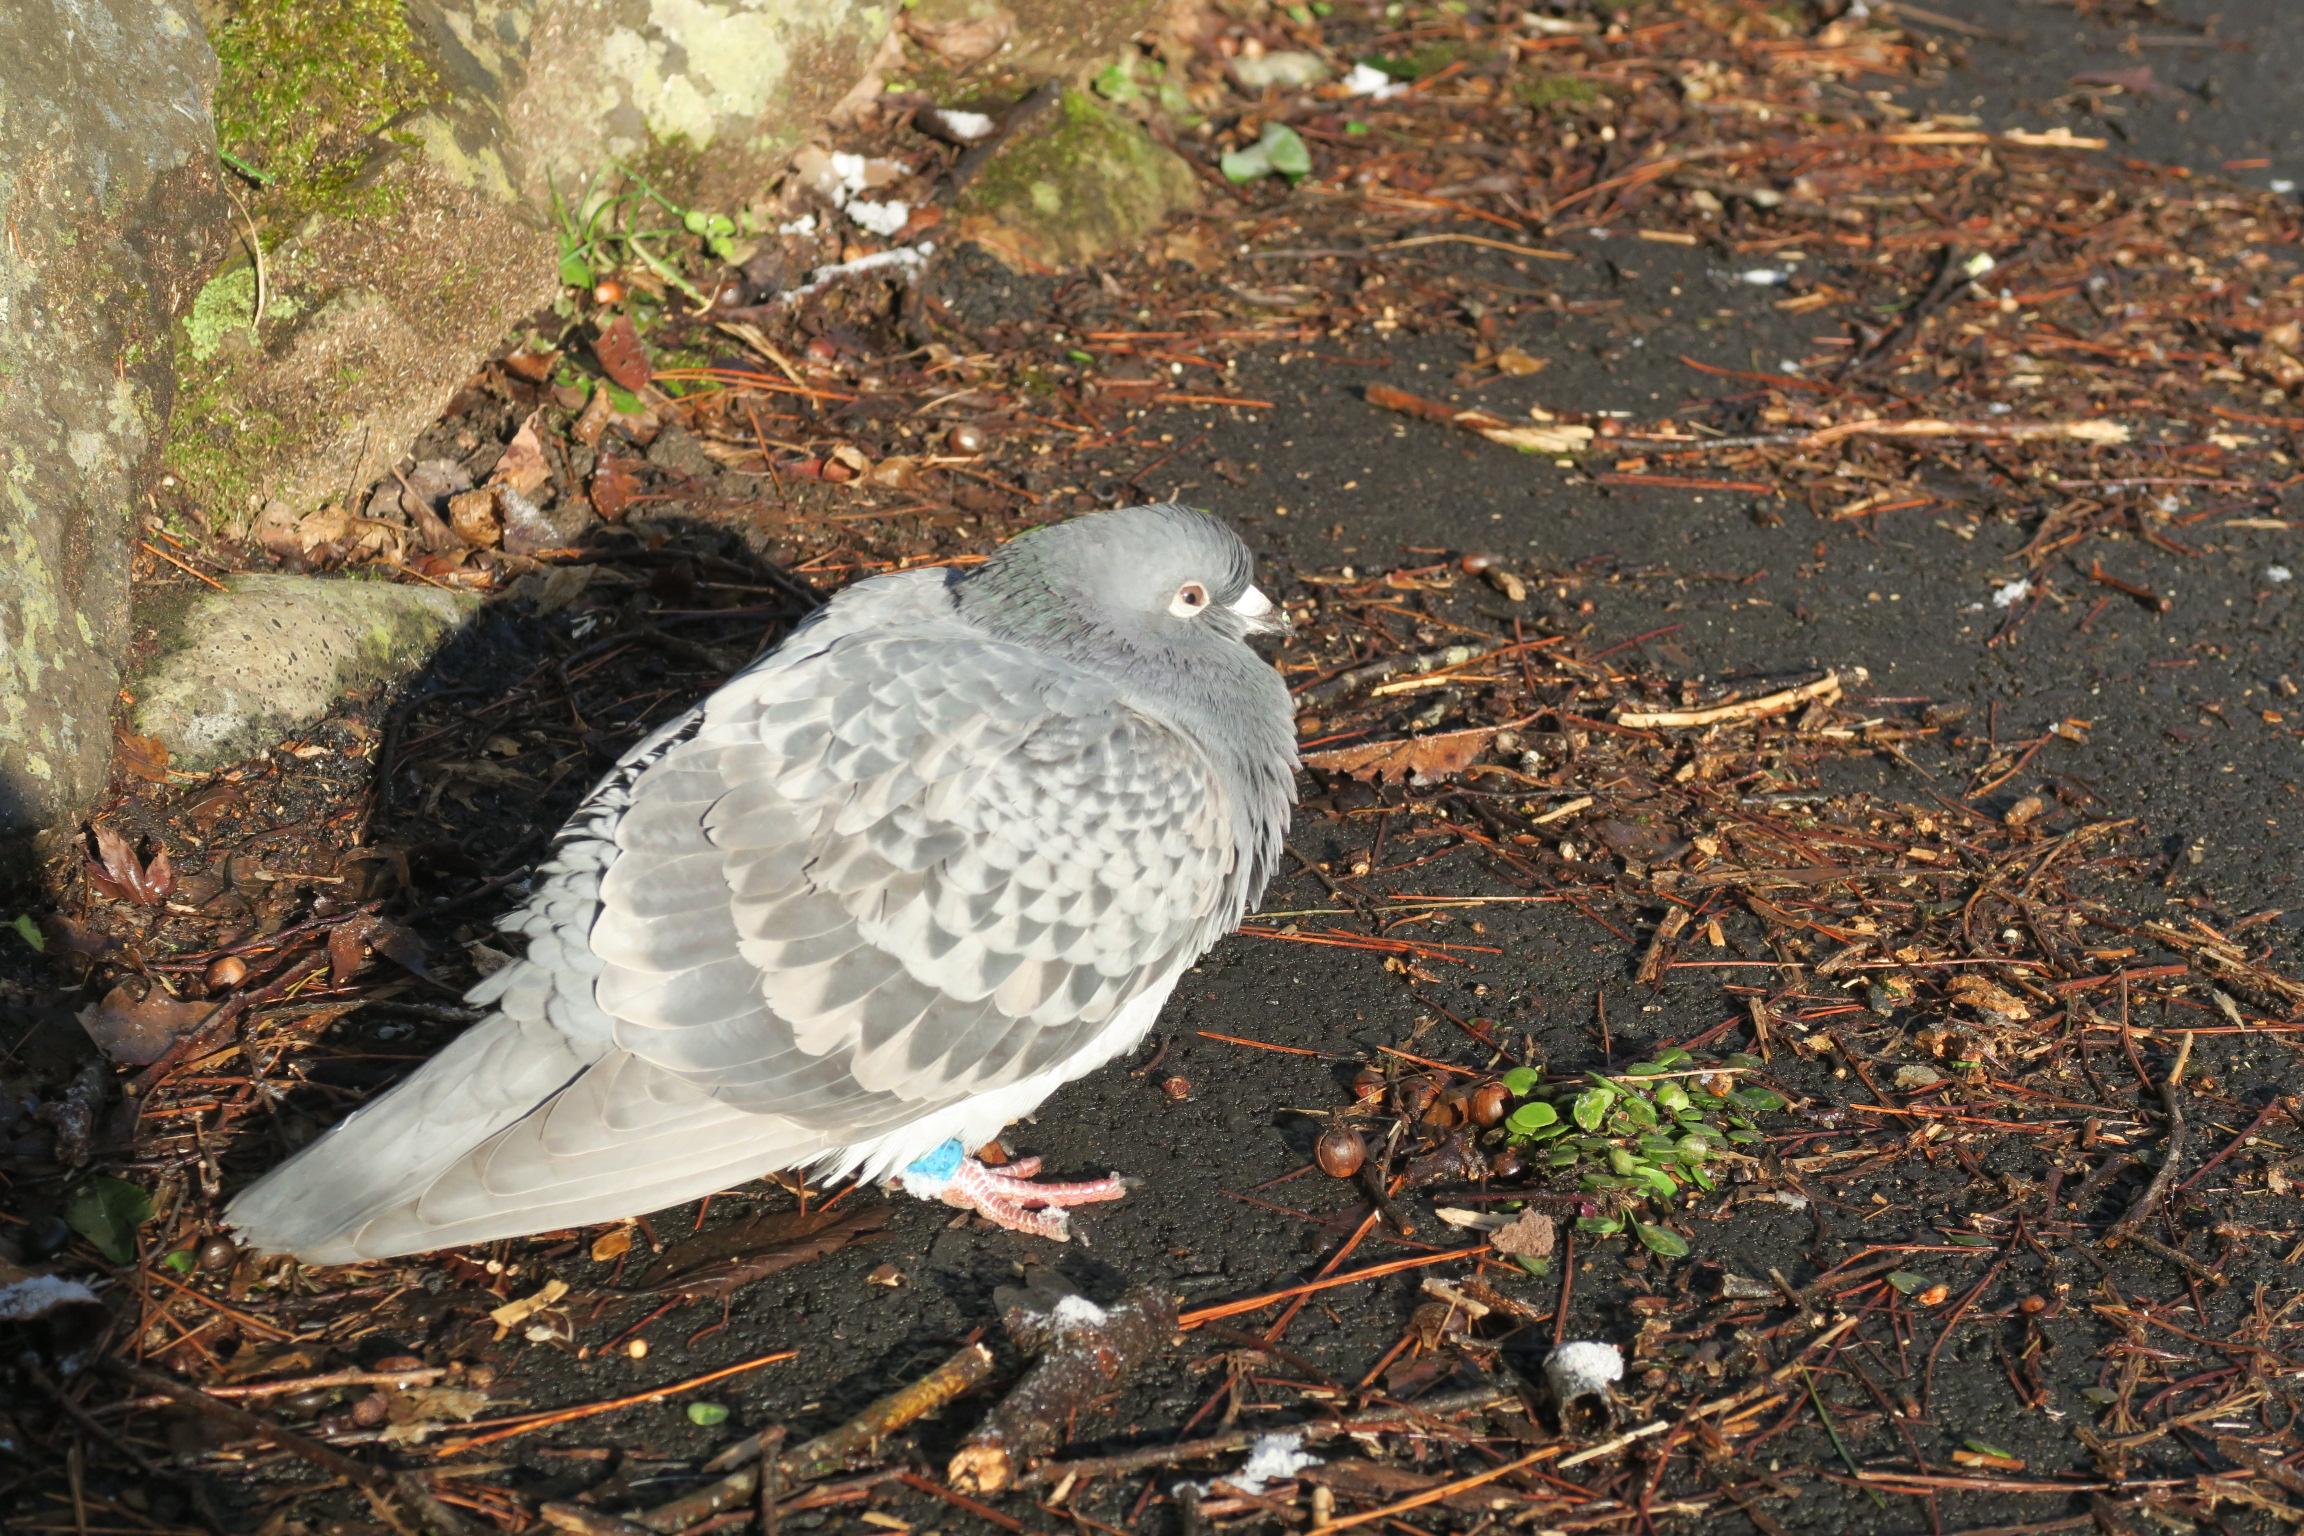 青い足輪が見えますね。迷い鳩かなぁ?保護してみようとしましたが、ダメでした。。。